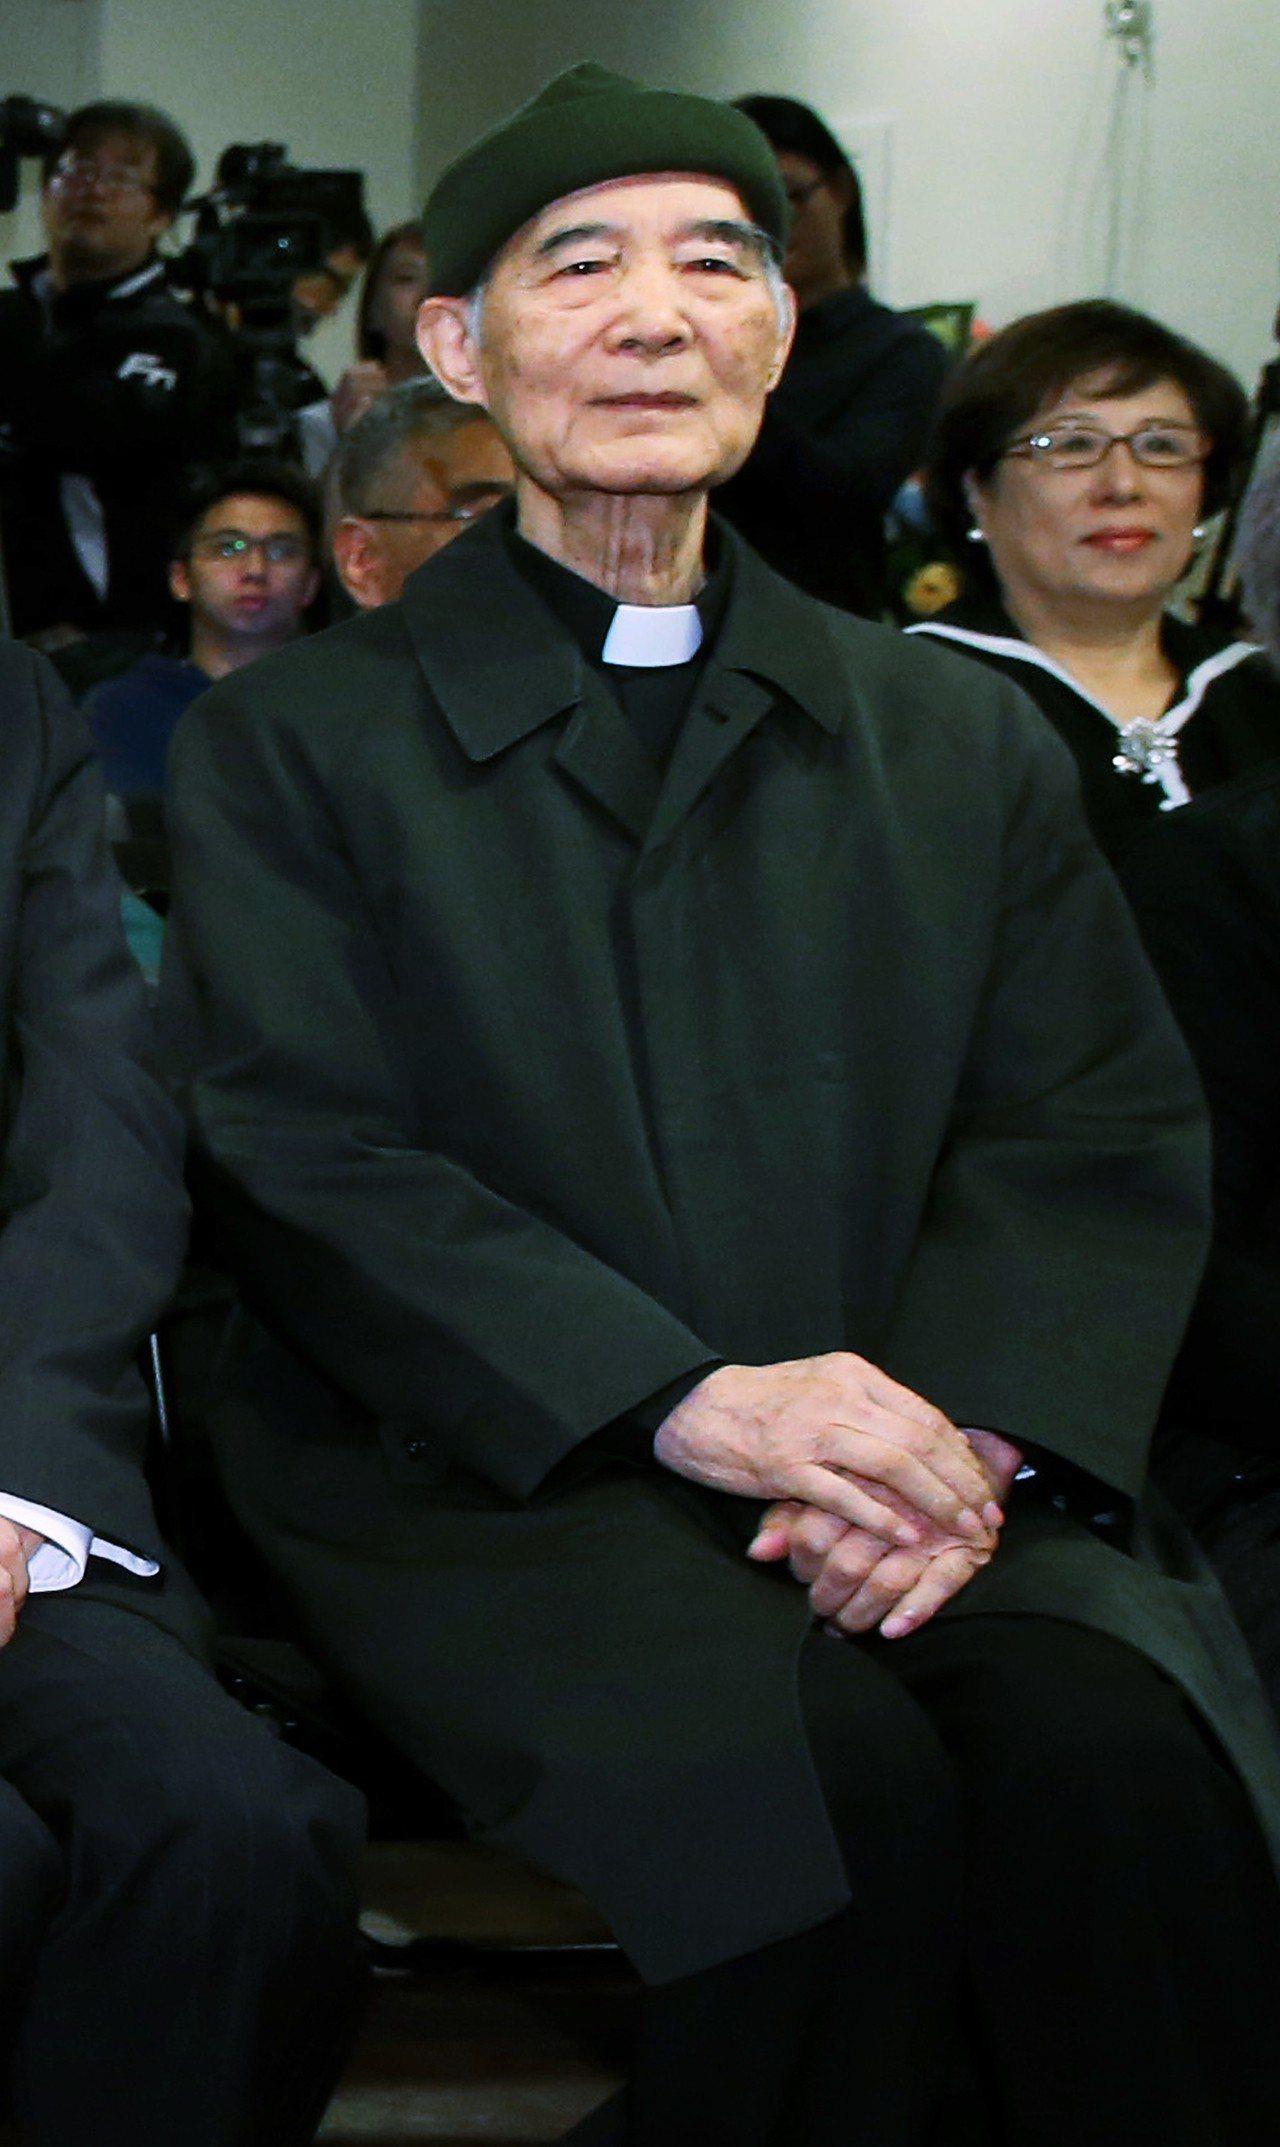 台灣基督長老教會前總幹事高俊明牧師過世,享年91歲。圖/本報系資料照片